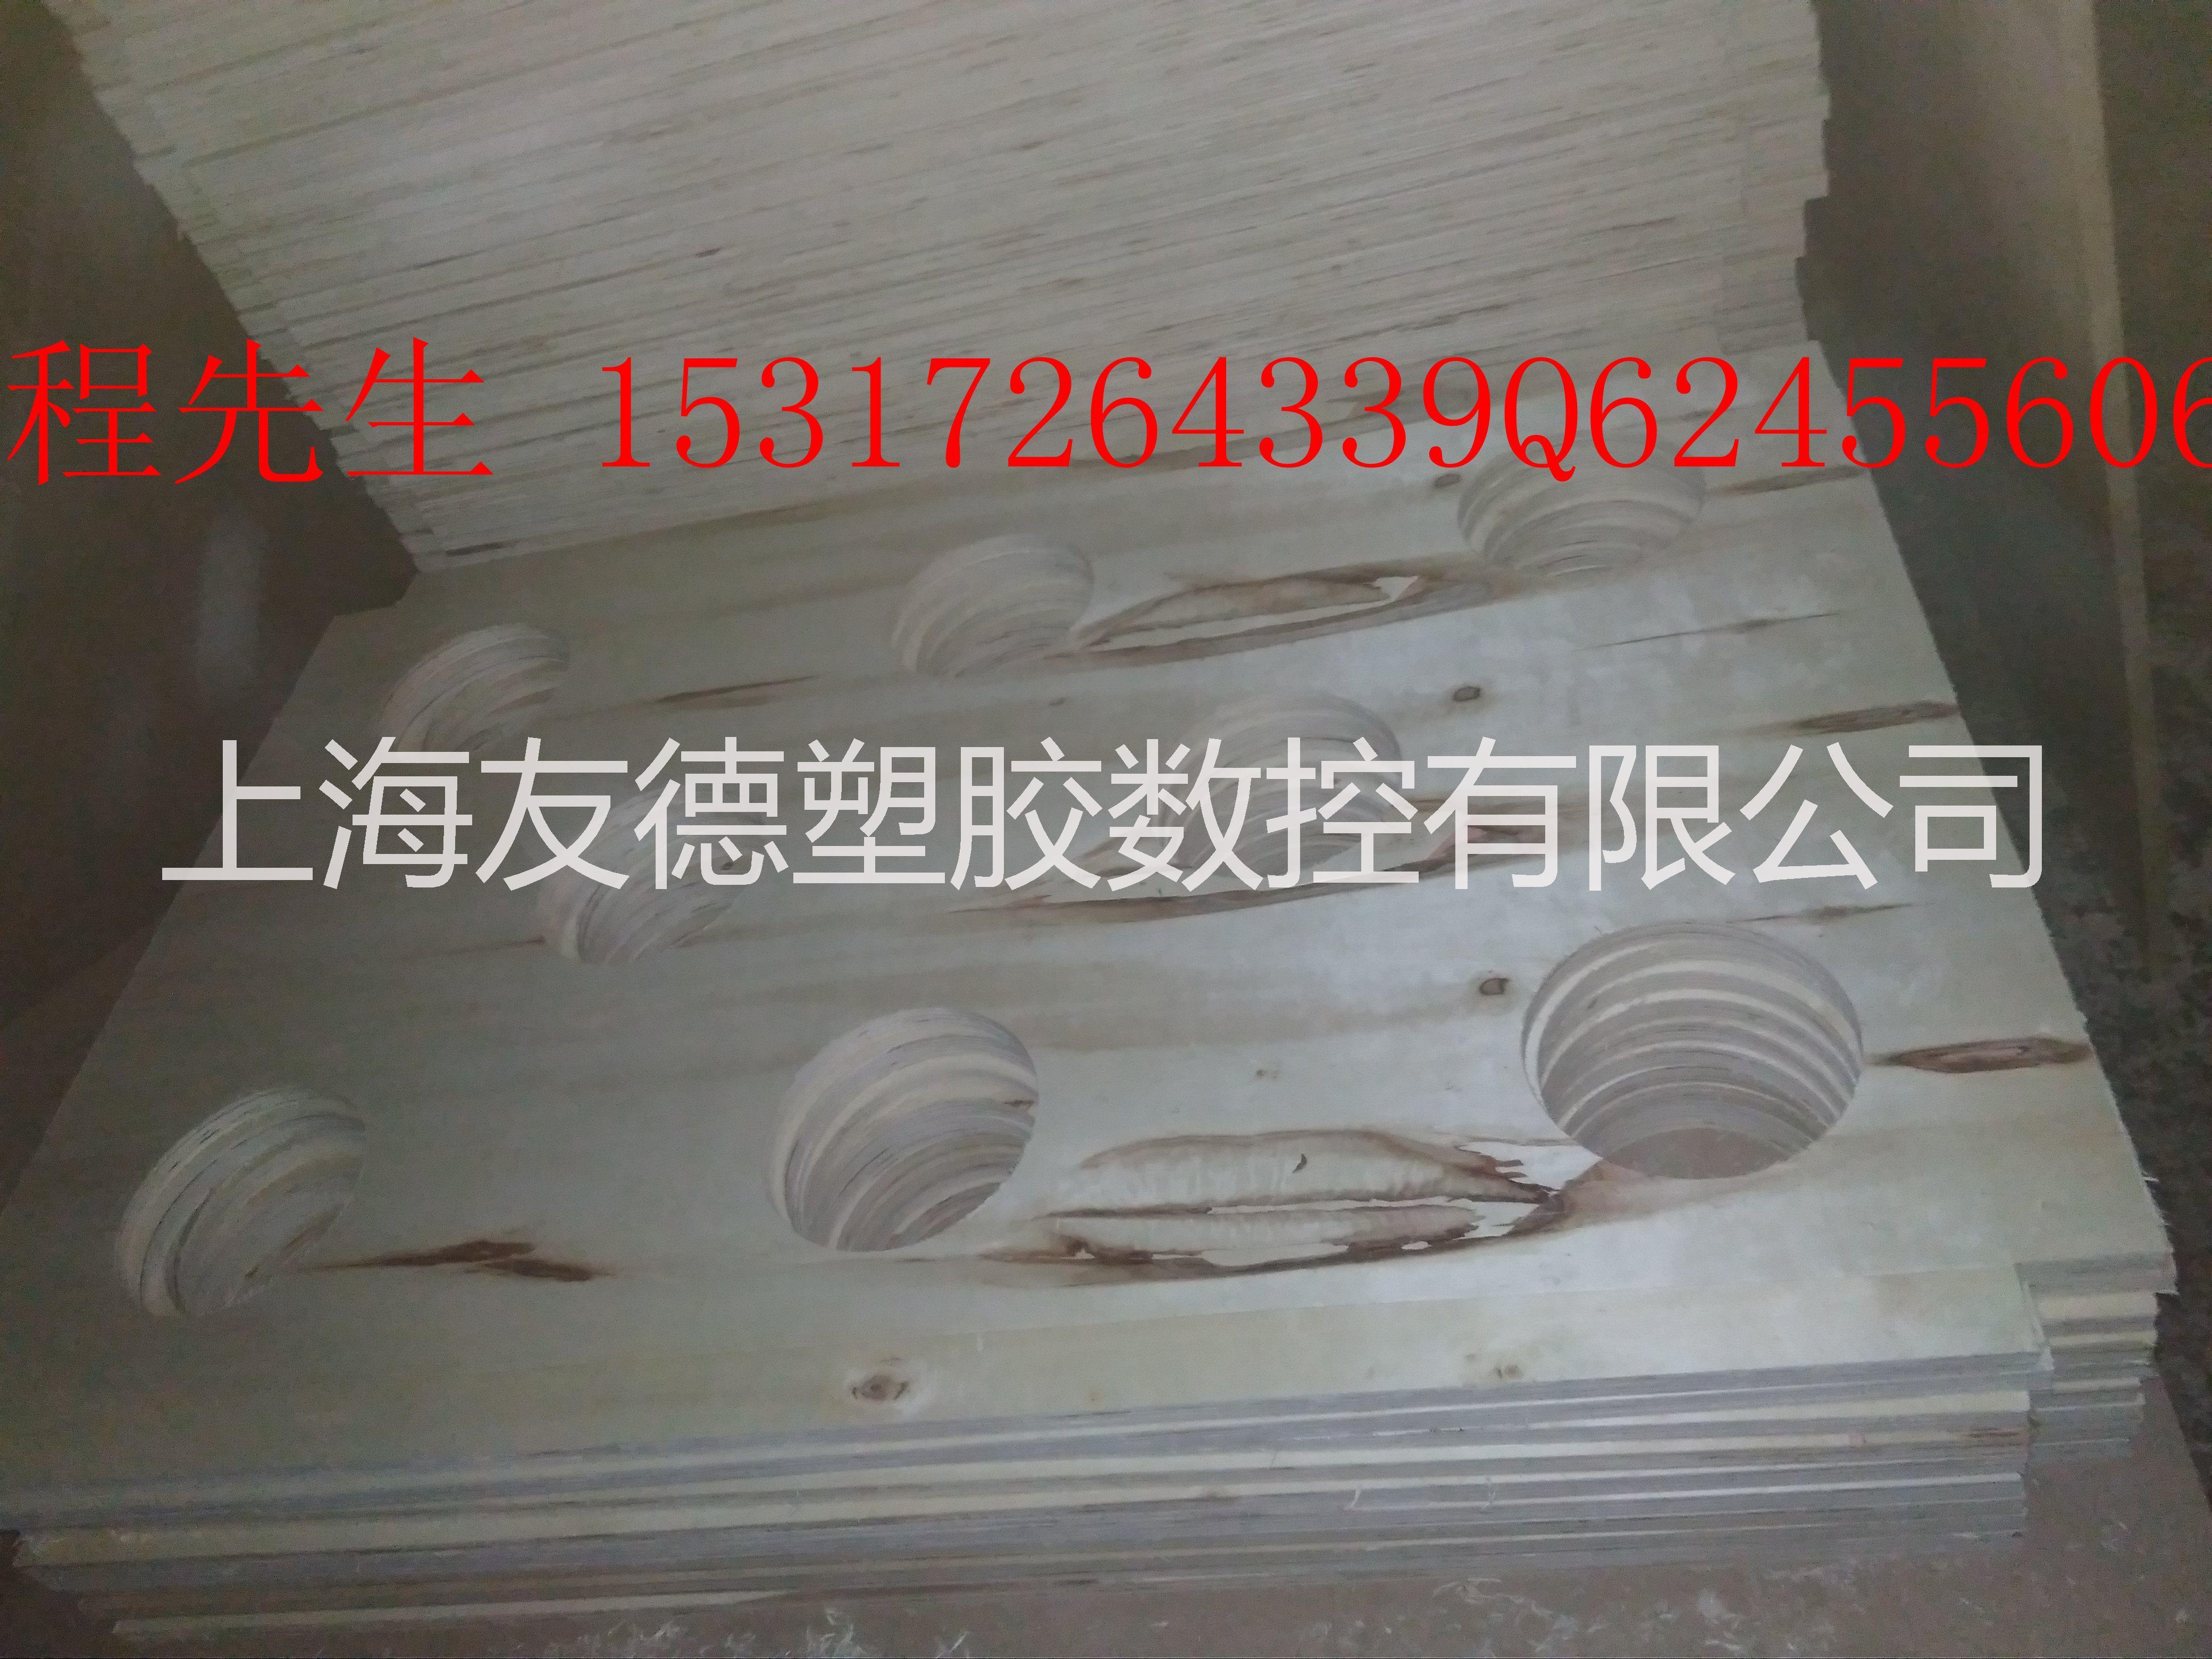 上海木板雕刻加工@上海多层板雕刻加工@上海密度板雕刻加工